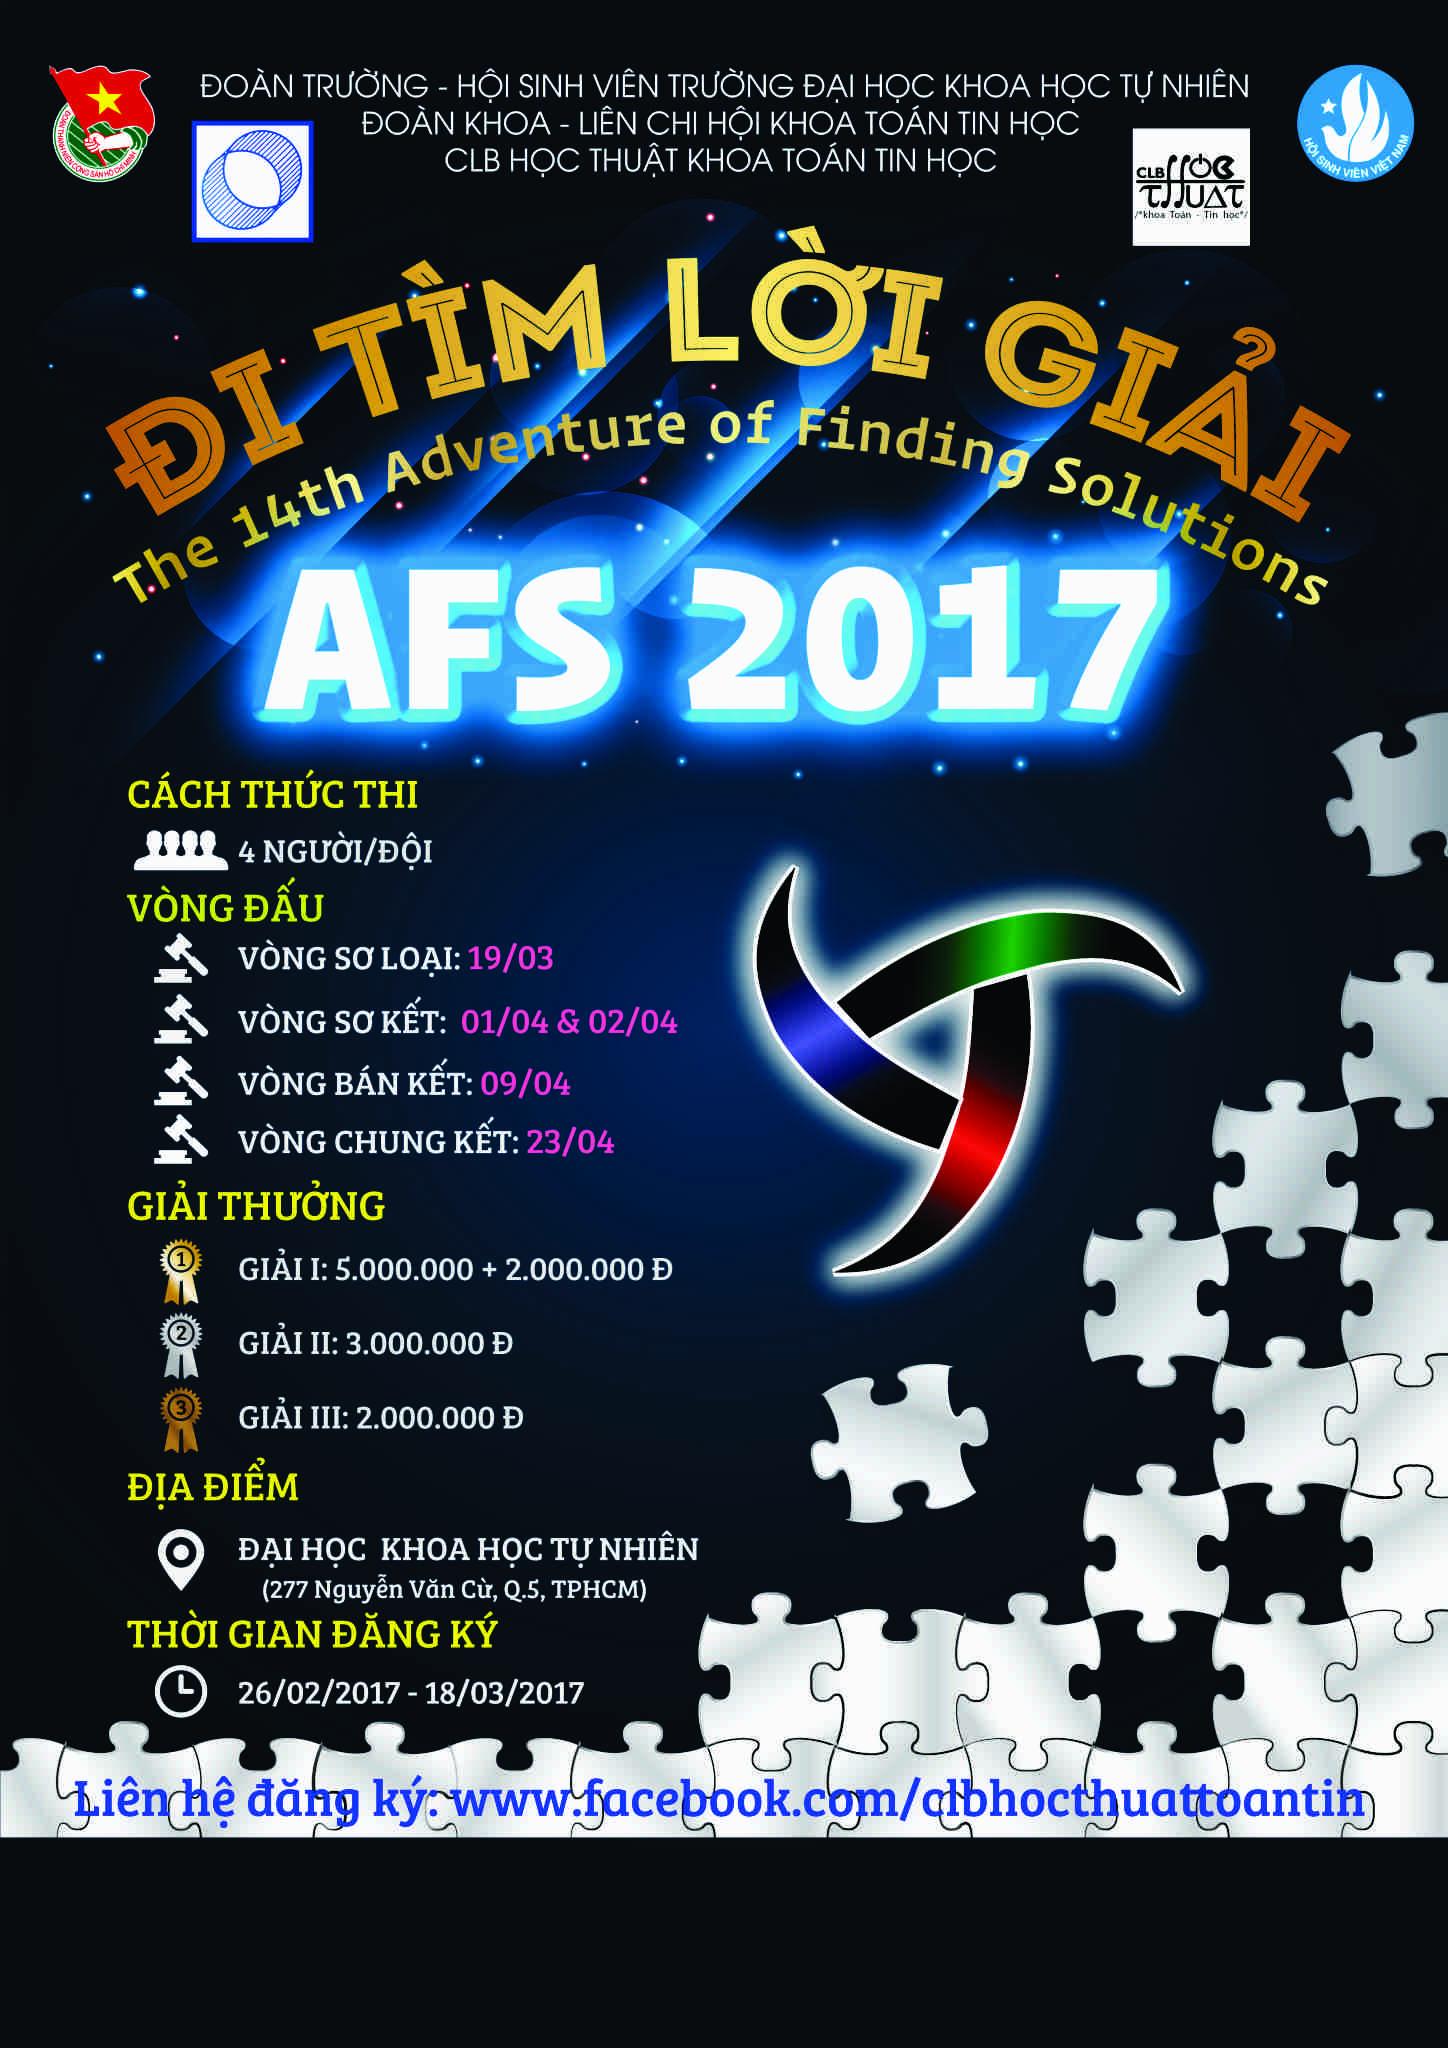 AFS2017